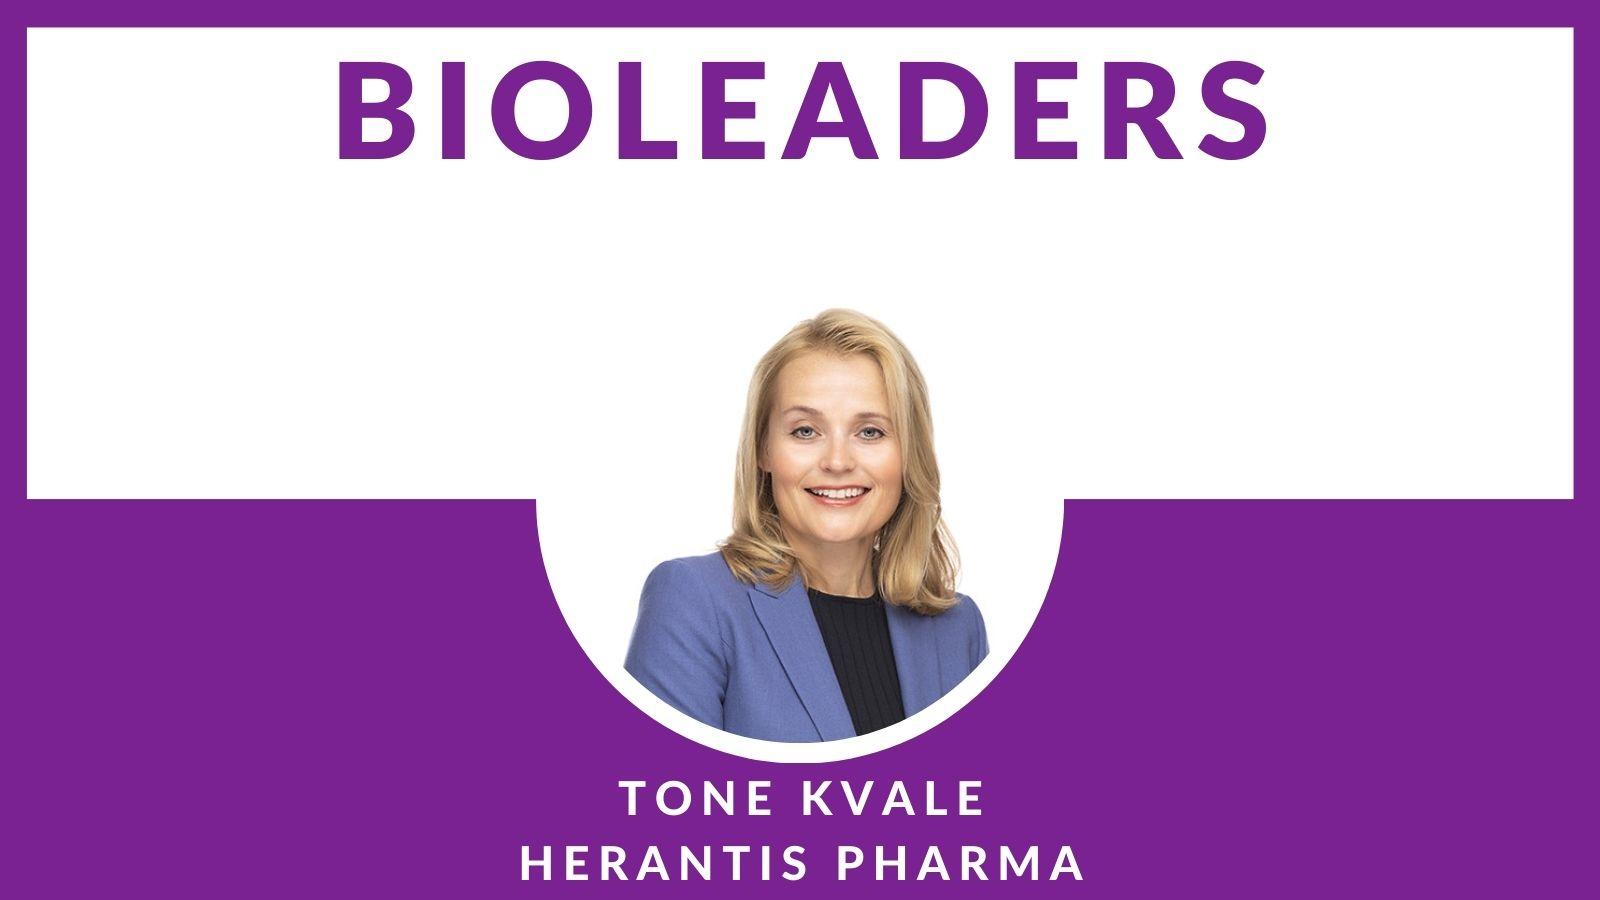 BioLeader Interviewee Tone Kvale